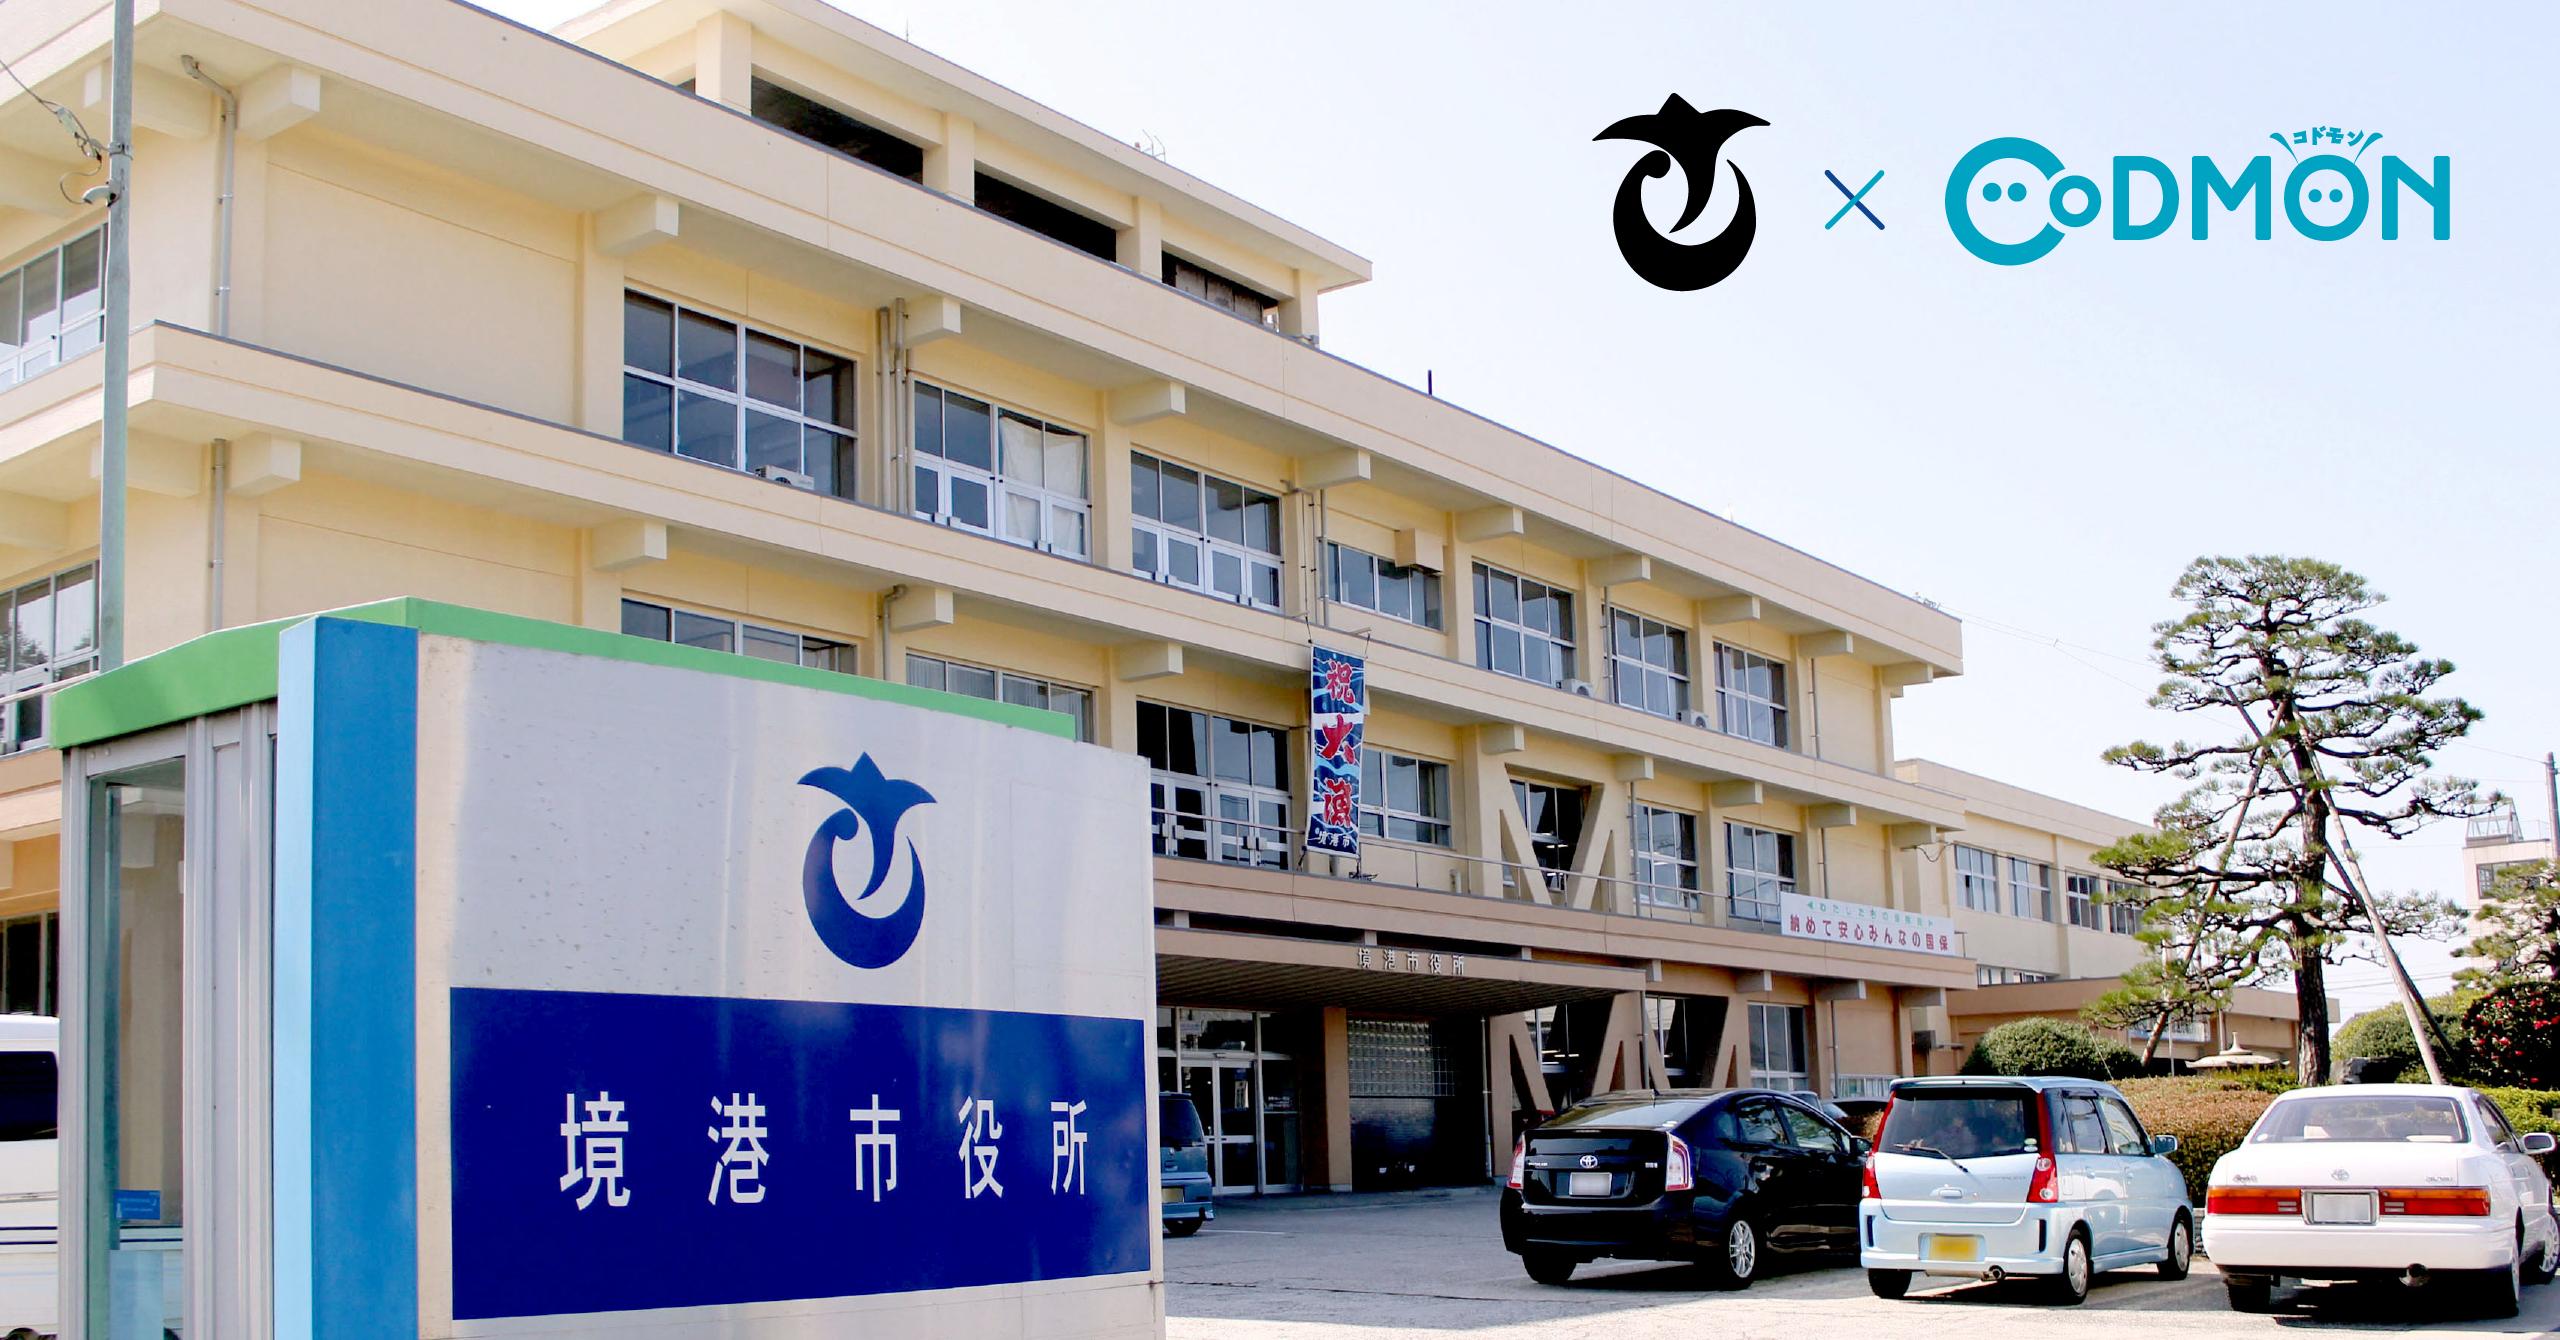 中国地方の自治体においてコドモン初導入 <br>鳥取県境港市において保育ICTコドモン運用開始のお知らせ